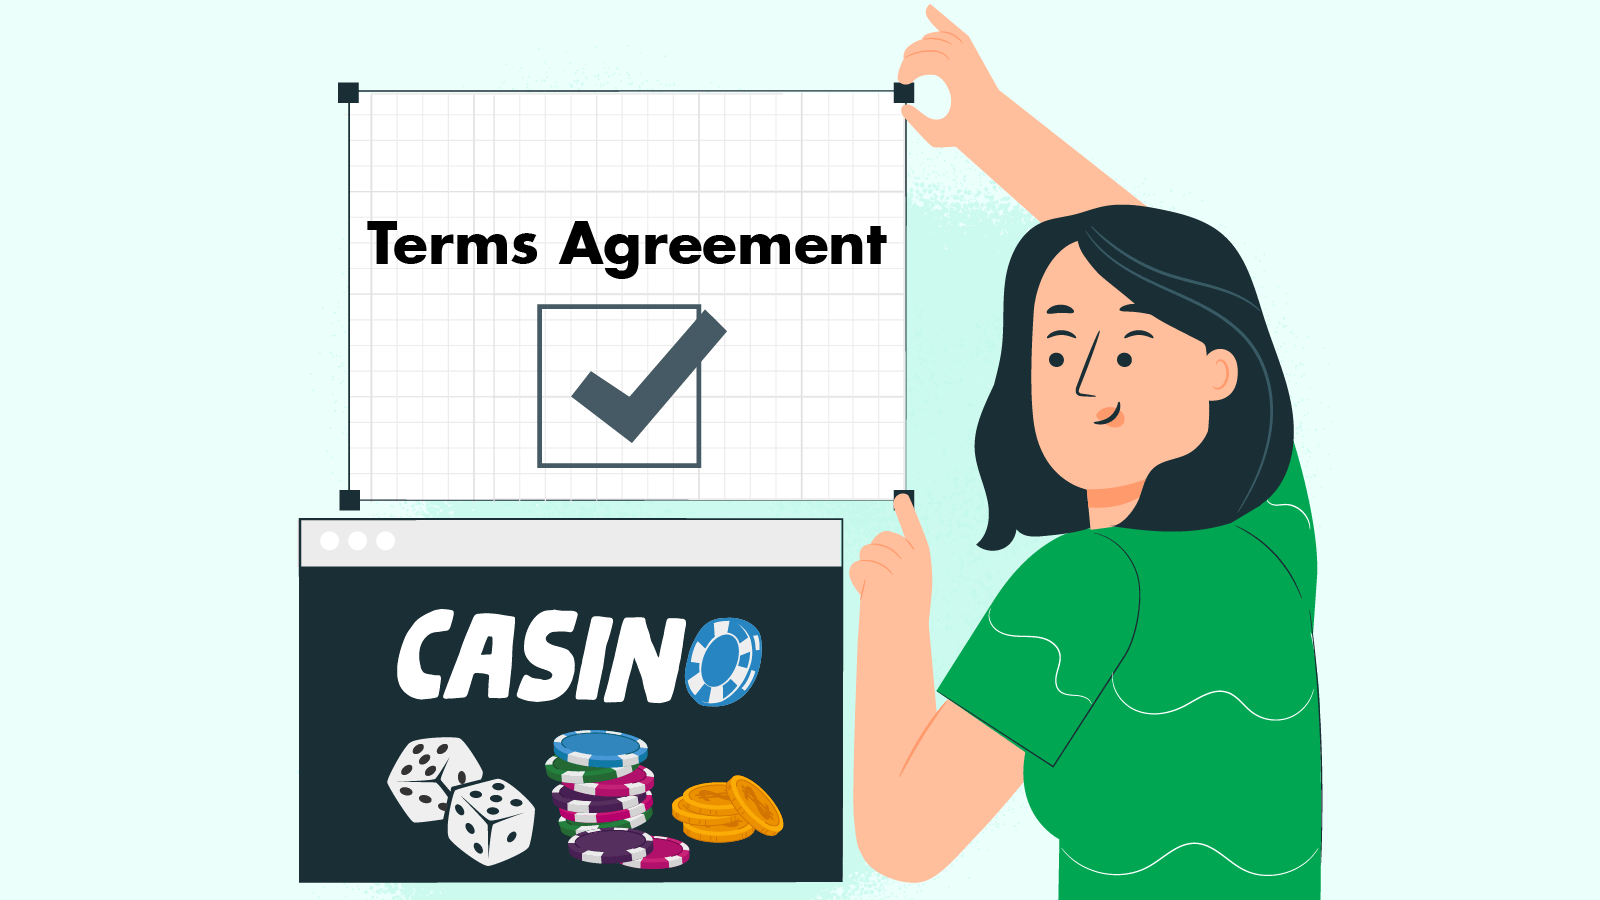 Casino & Bonus Terms Agreement